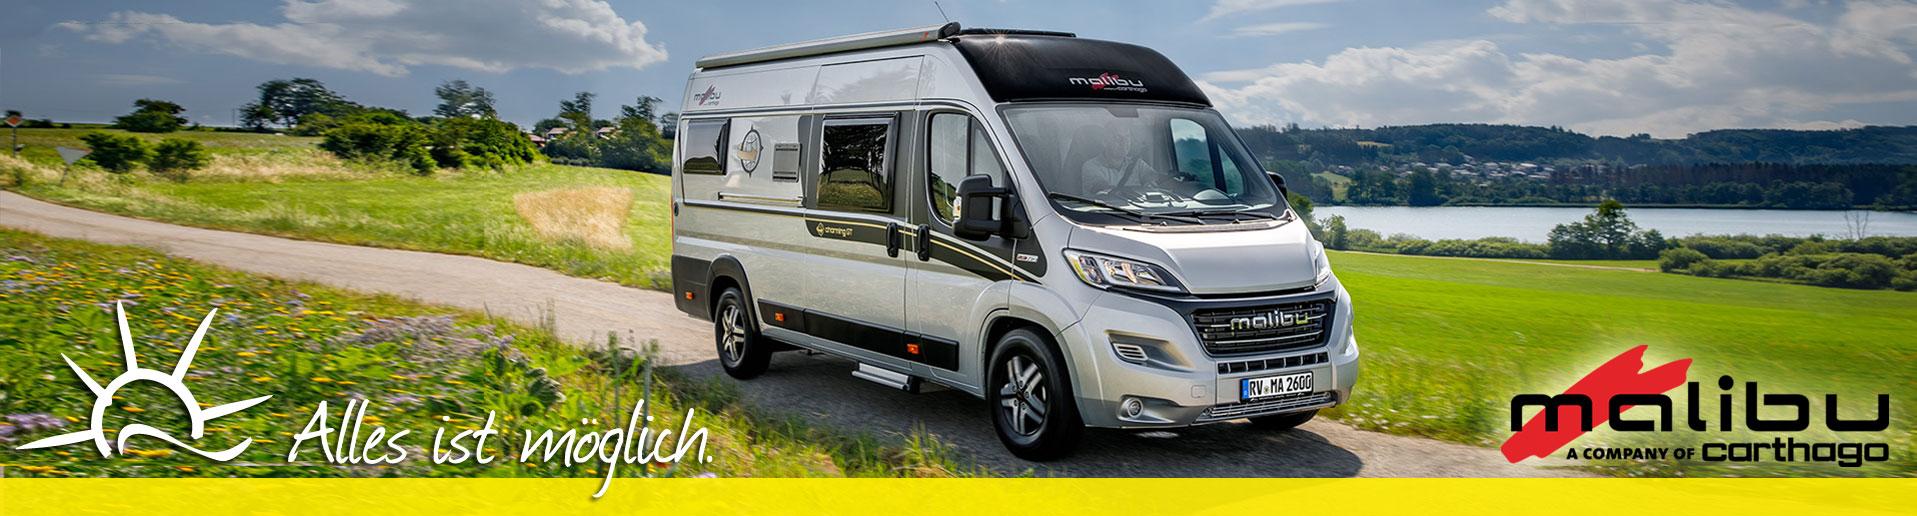 Malibu Reisemobil kaufen oder mieten im Autohaus Hollensetdt